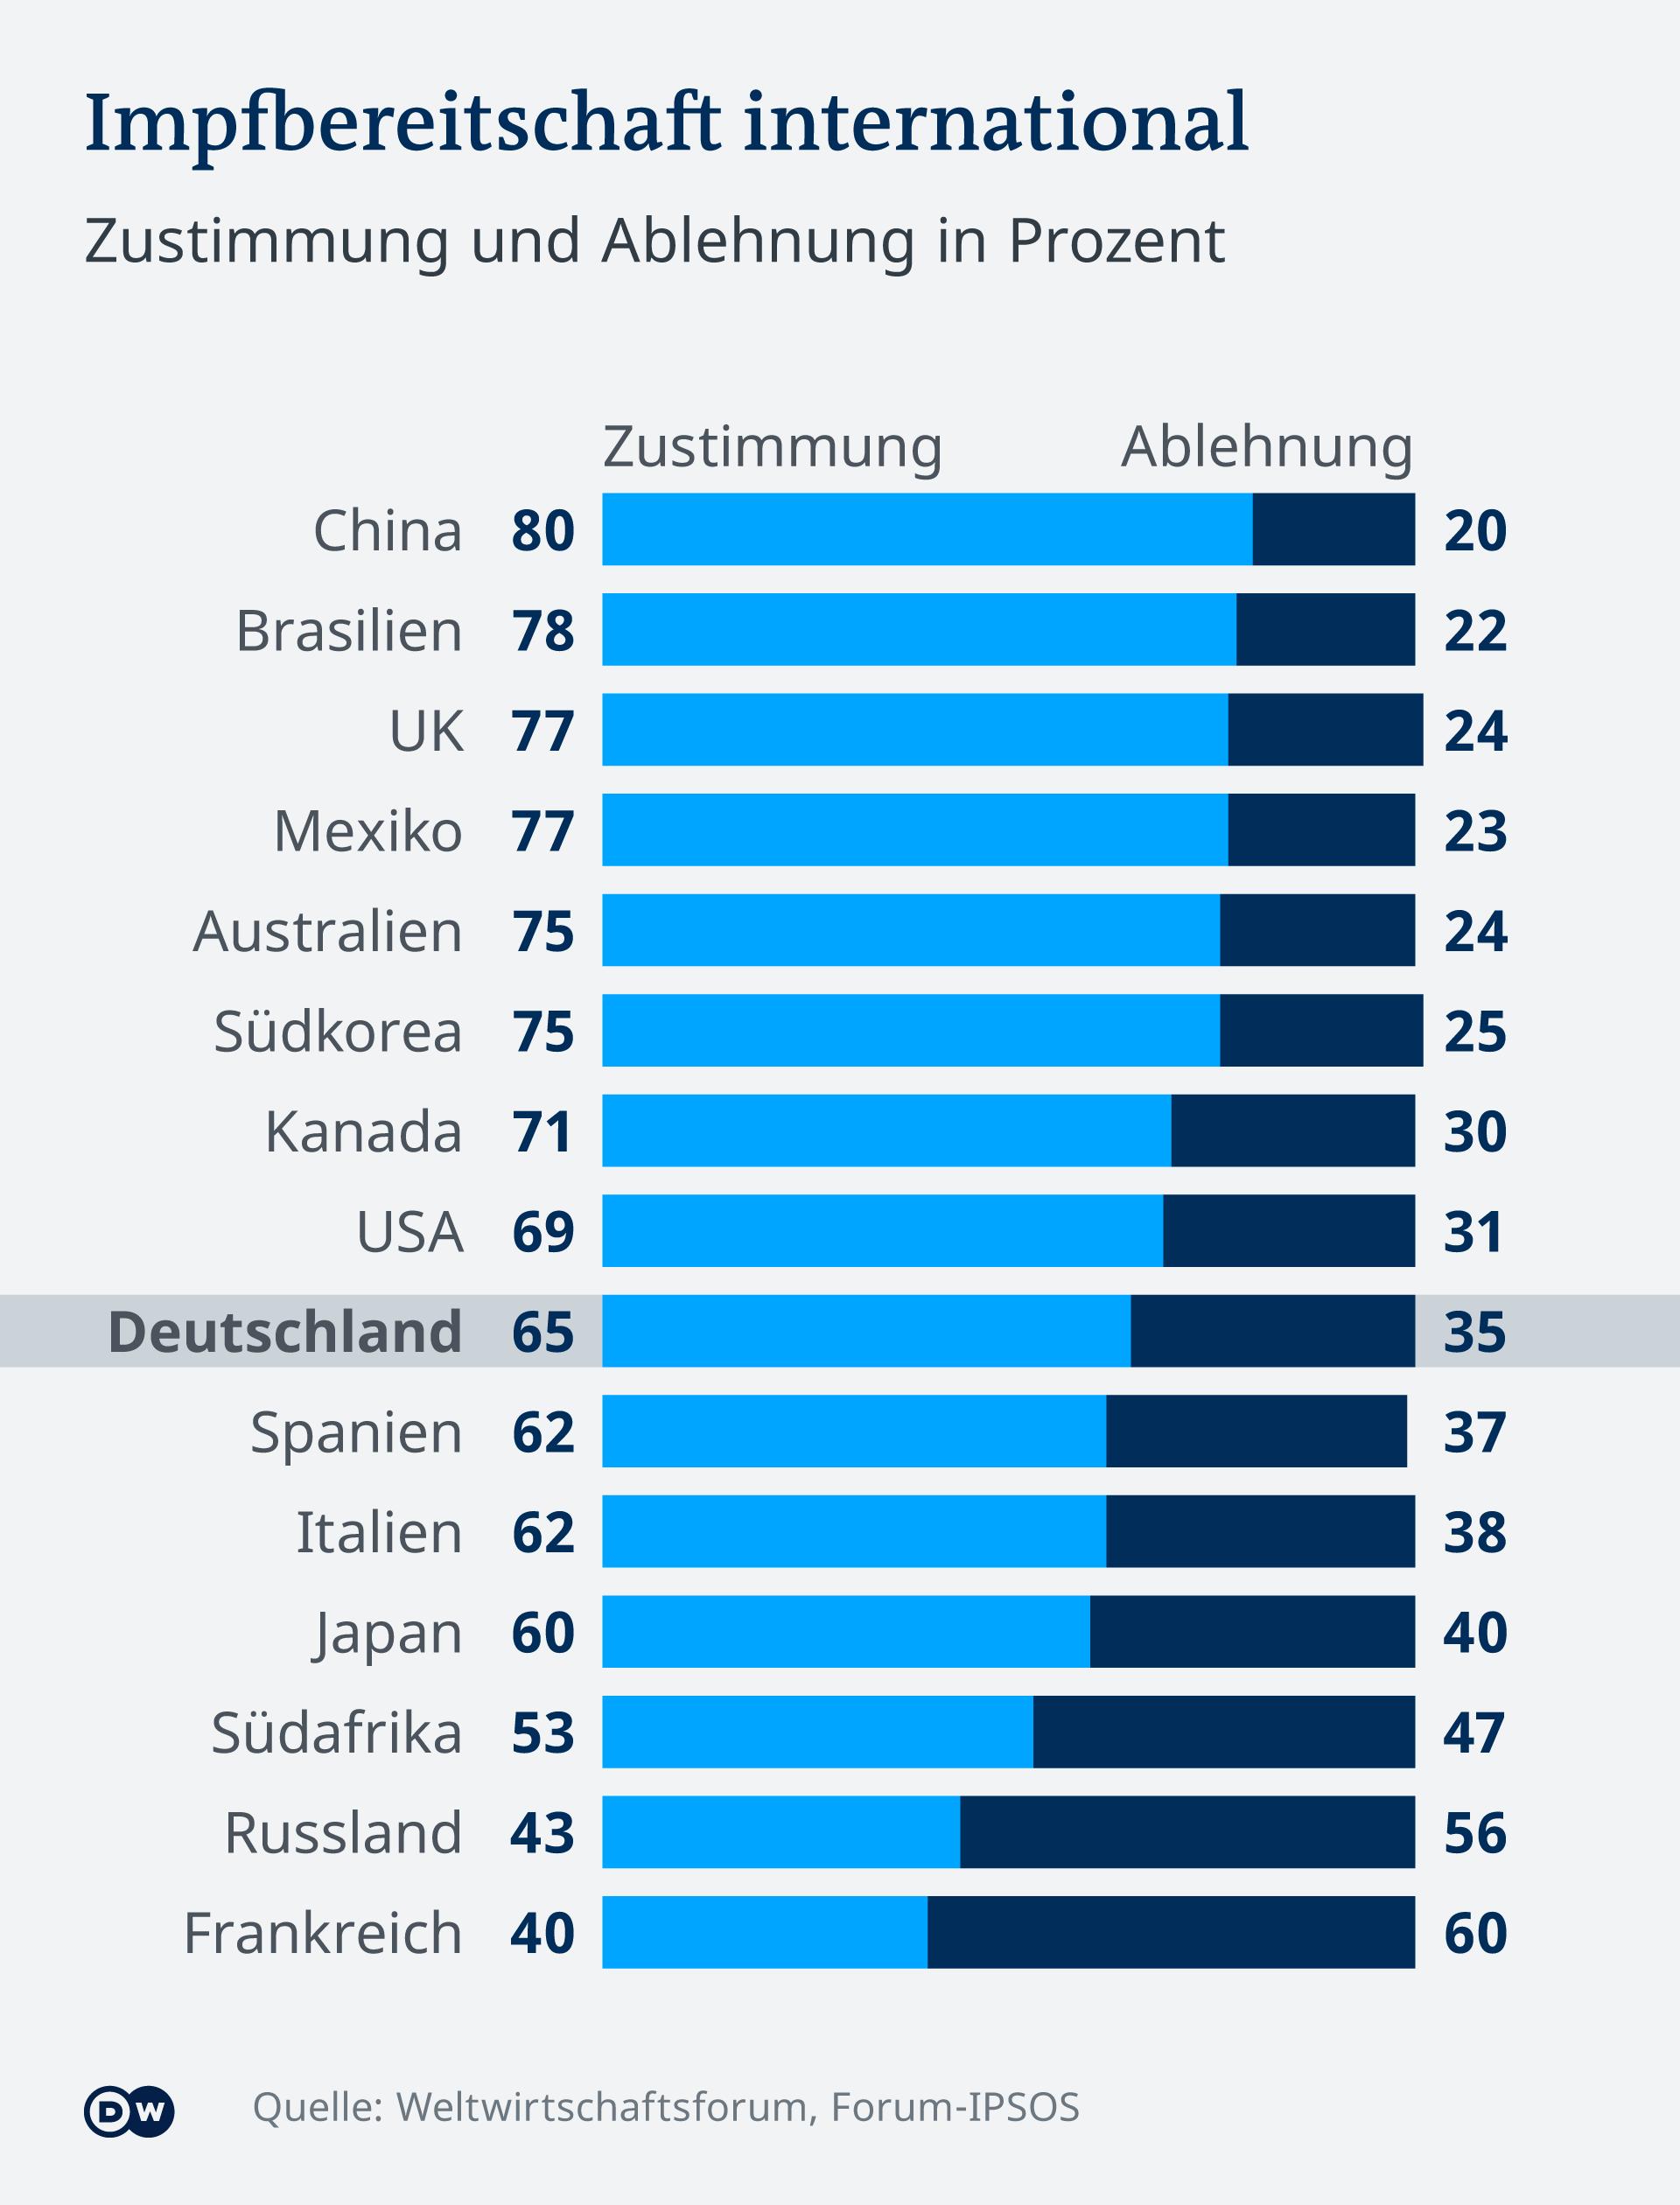 Съгласни и несъгласни (в тъмносиньо) да се ваксинират в някои страни по света към март 2021 г.